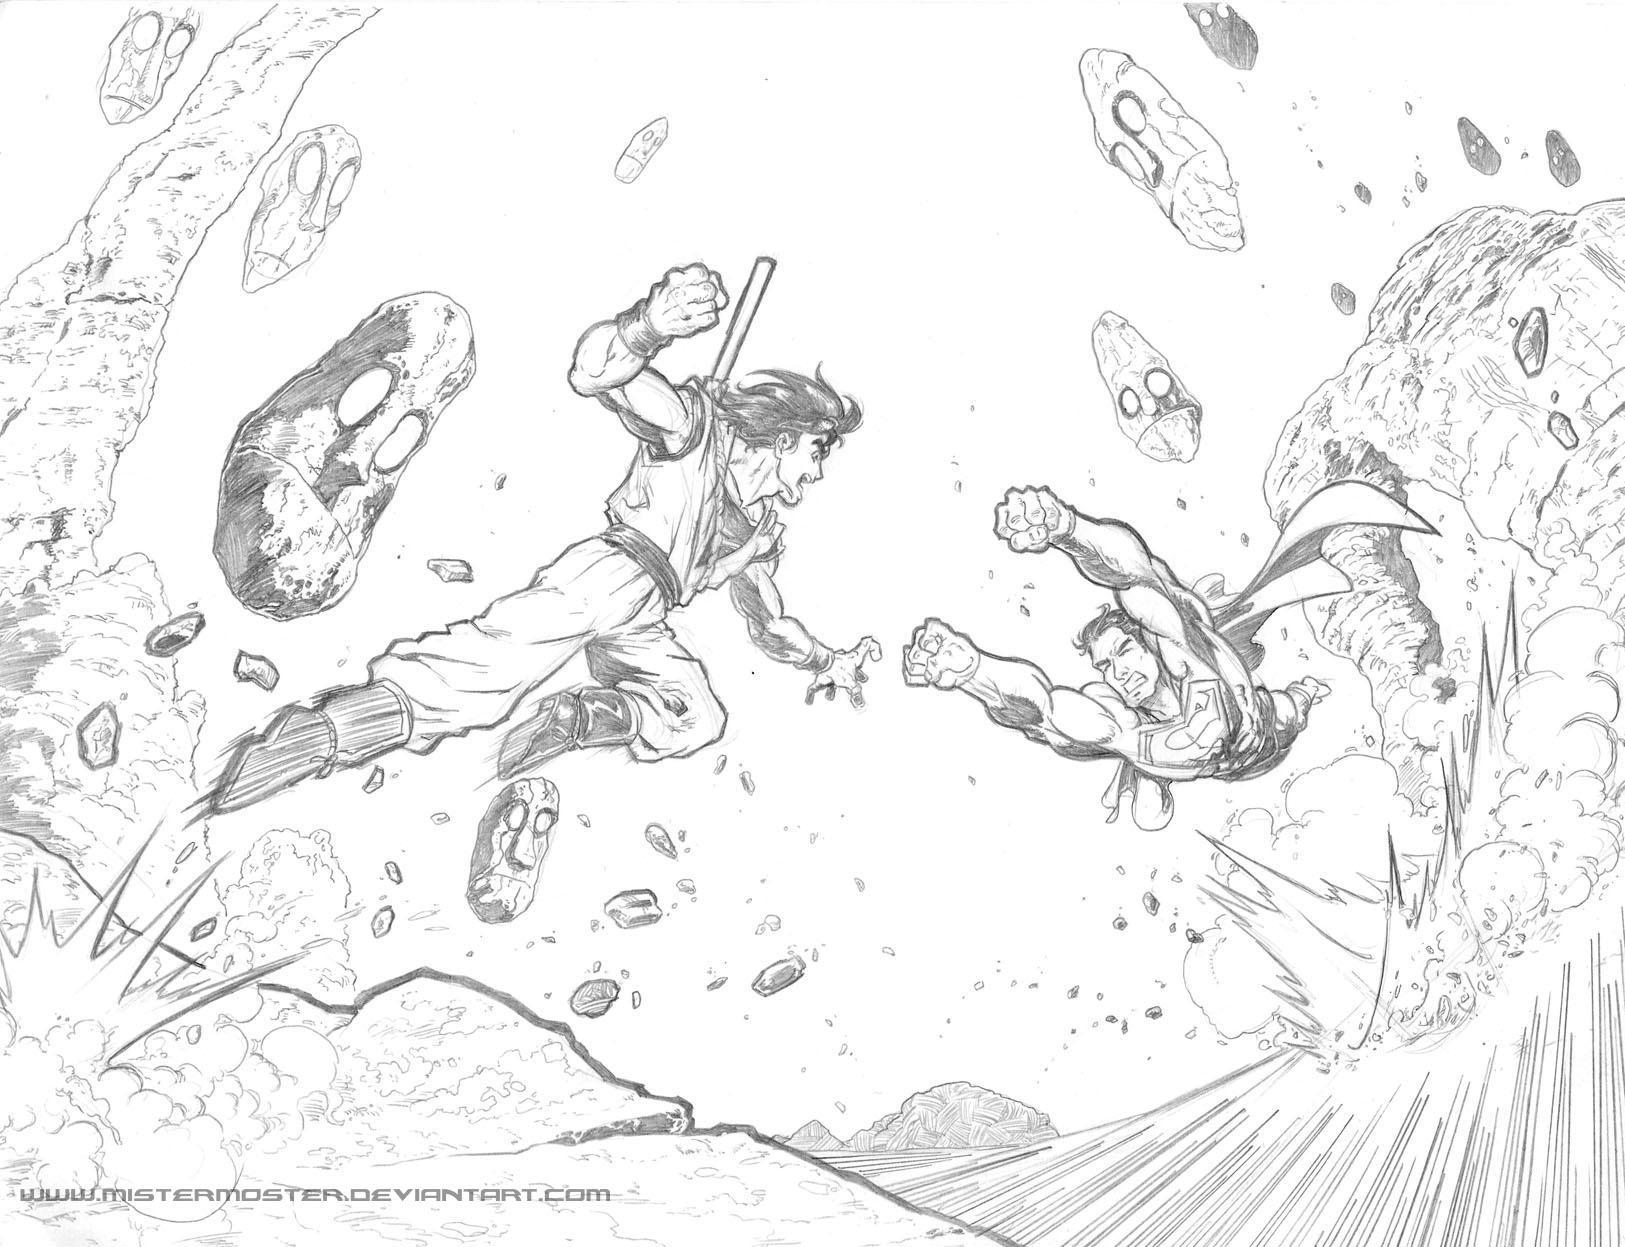 Superman vs Goku p05 by mistermoster on DeviantArt